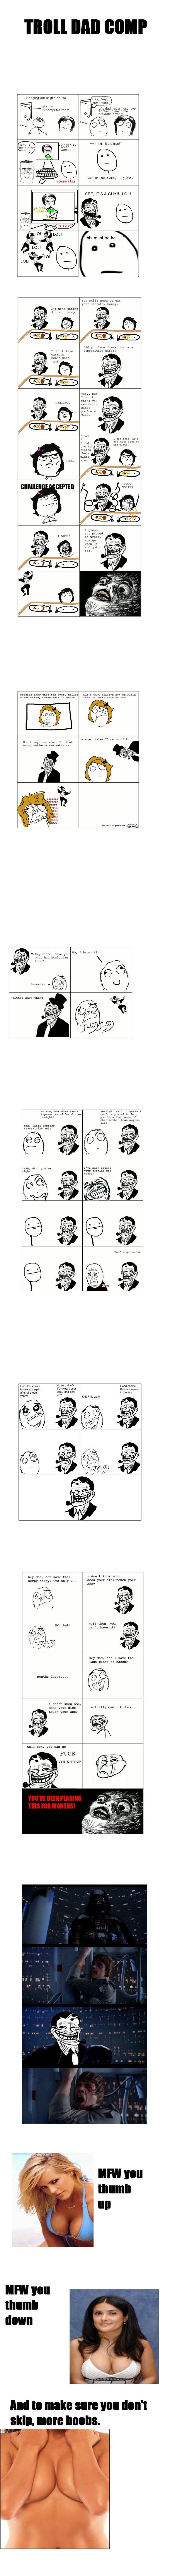 Troll dad comp. .